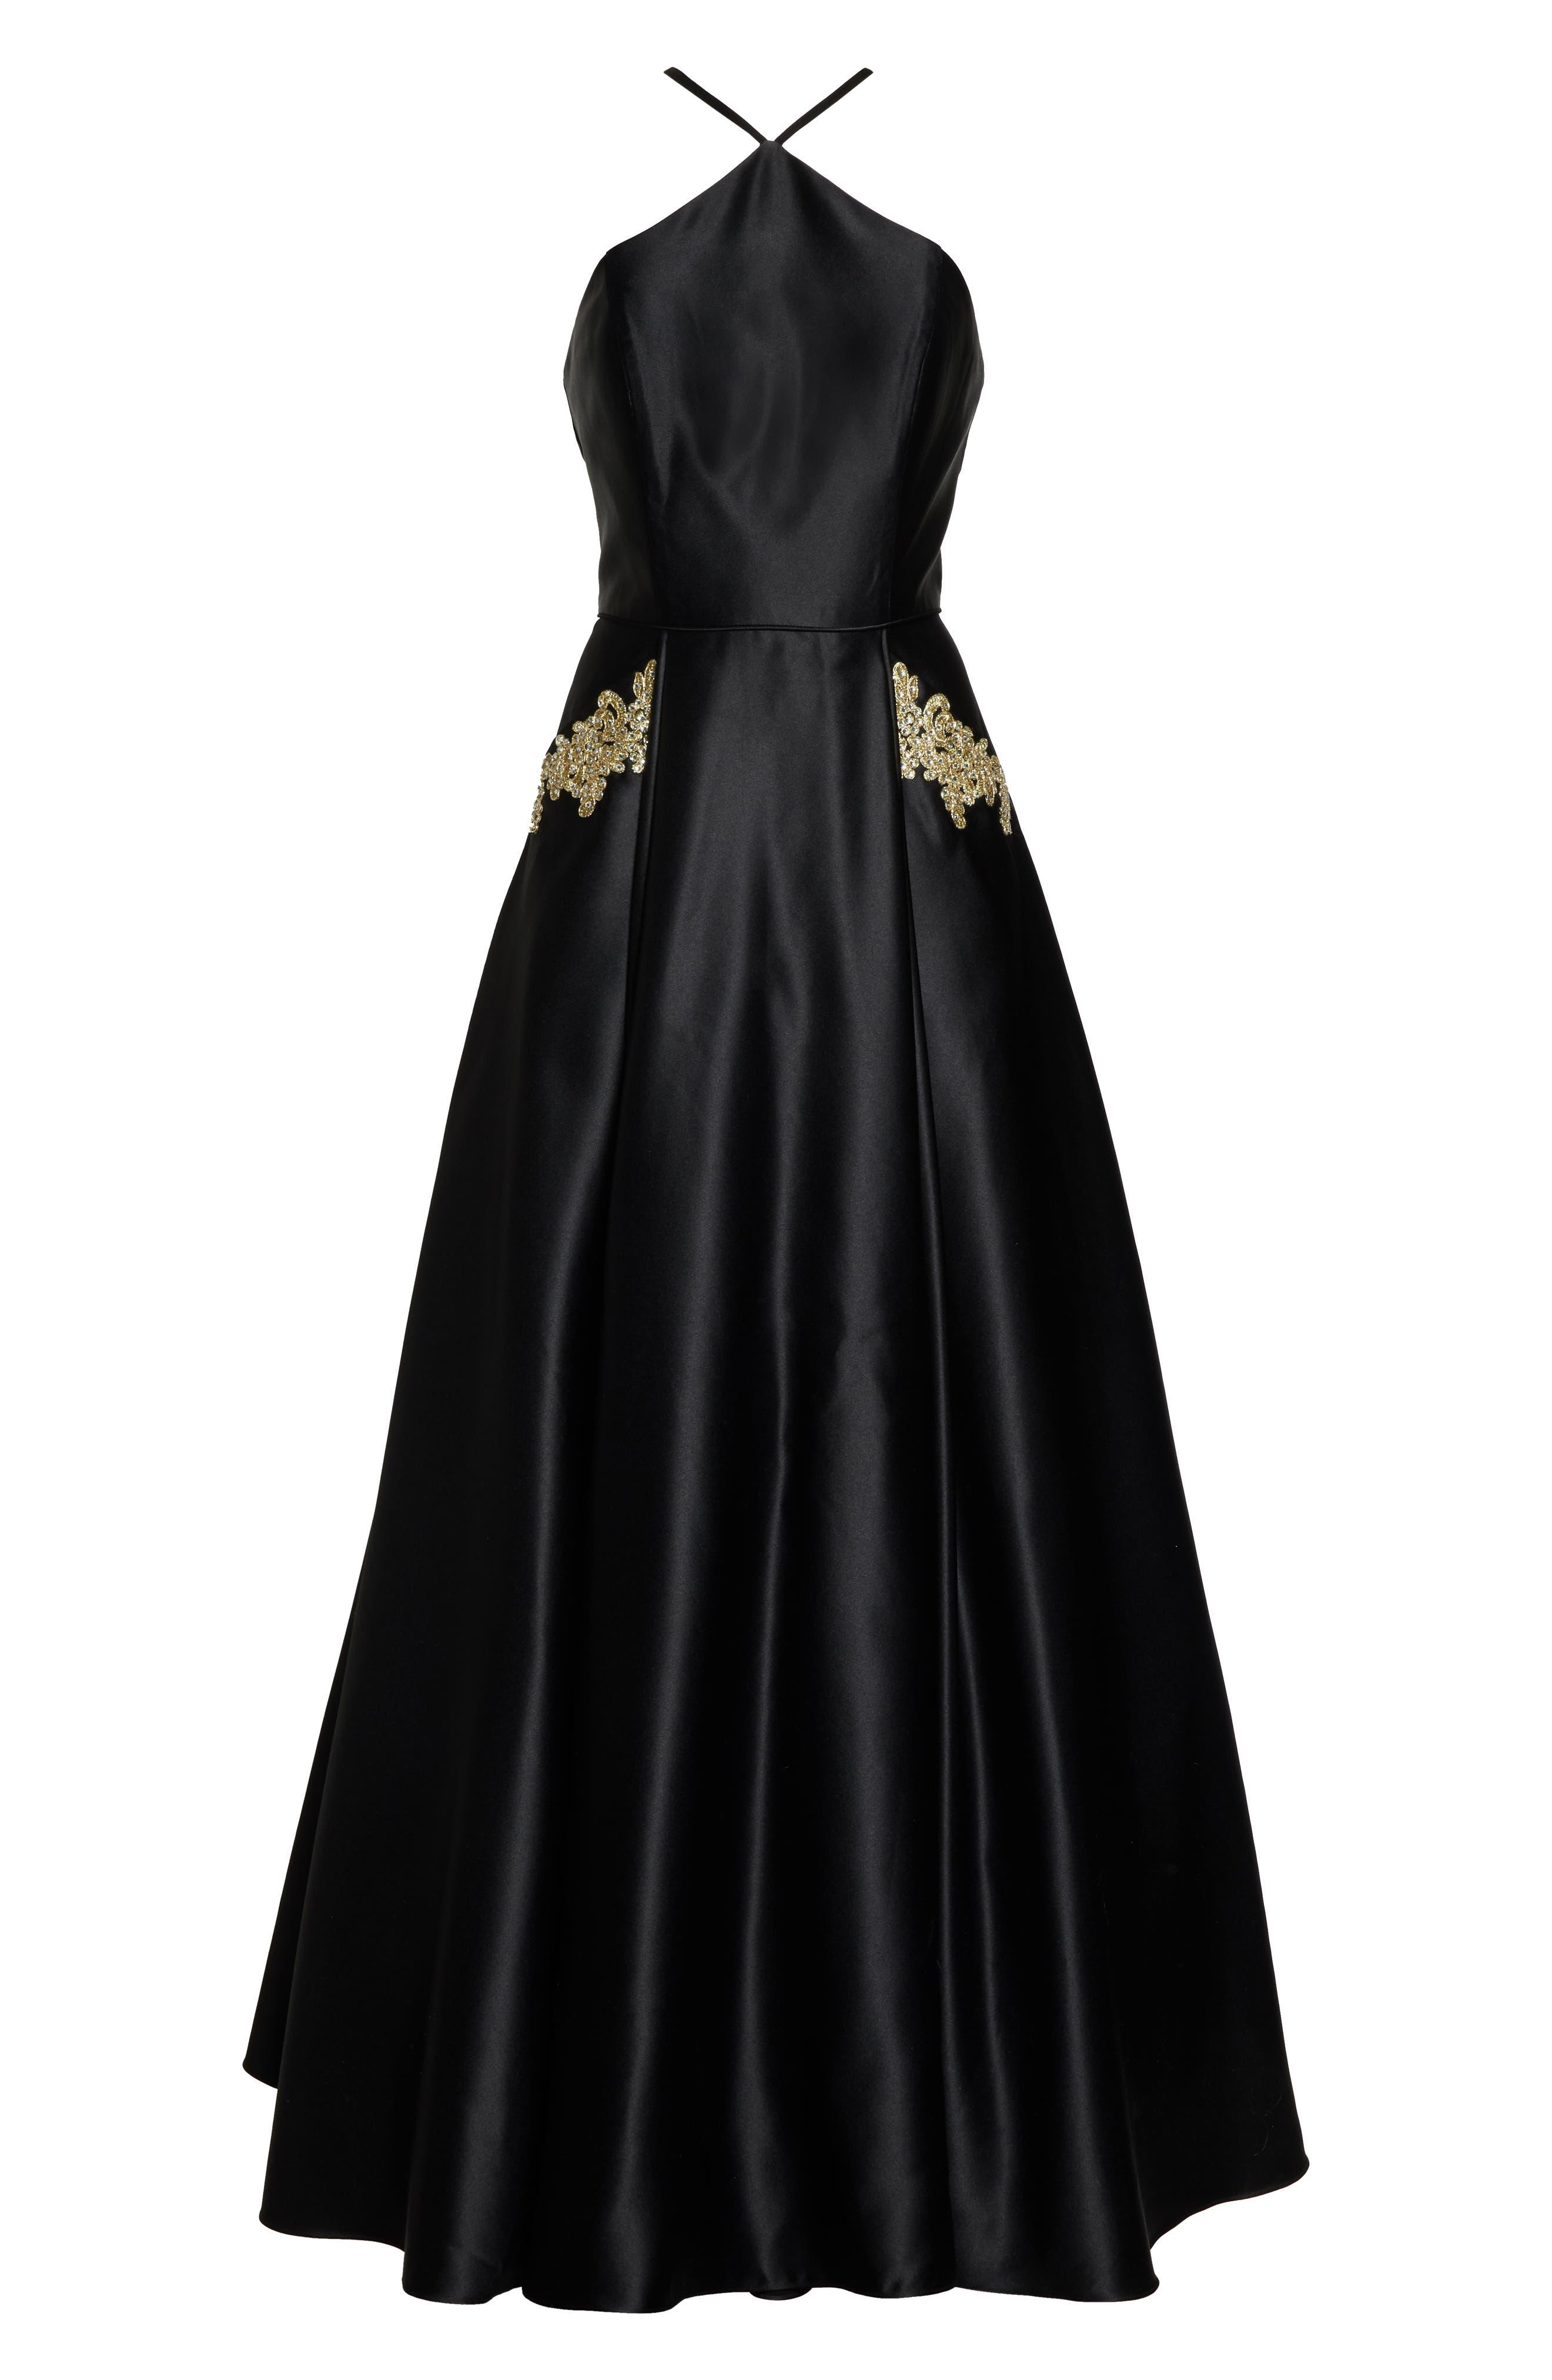 BLONDIE NITES, Halter Neck Embellished Pocket Satin Evening Dress, Alternate thumbnail 7, color, BLACK/ GOLD